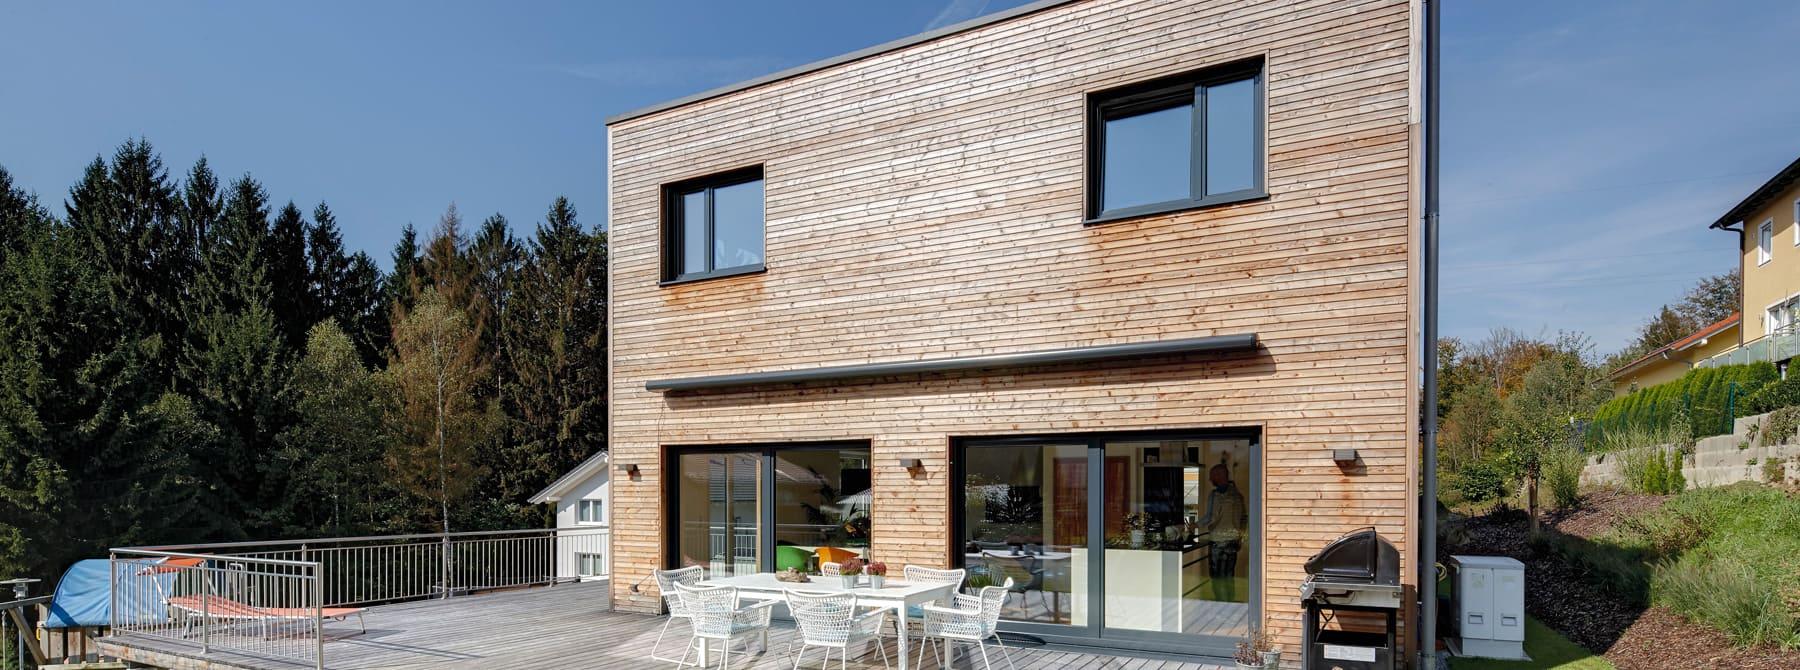 Kundenhaus gwandtner bauen sie ihr holzhaus passivhaus for Holzkubus haus